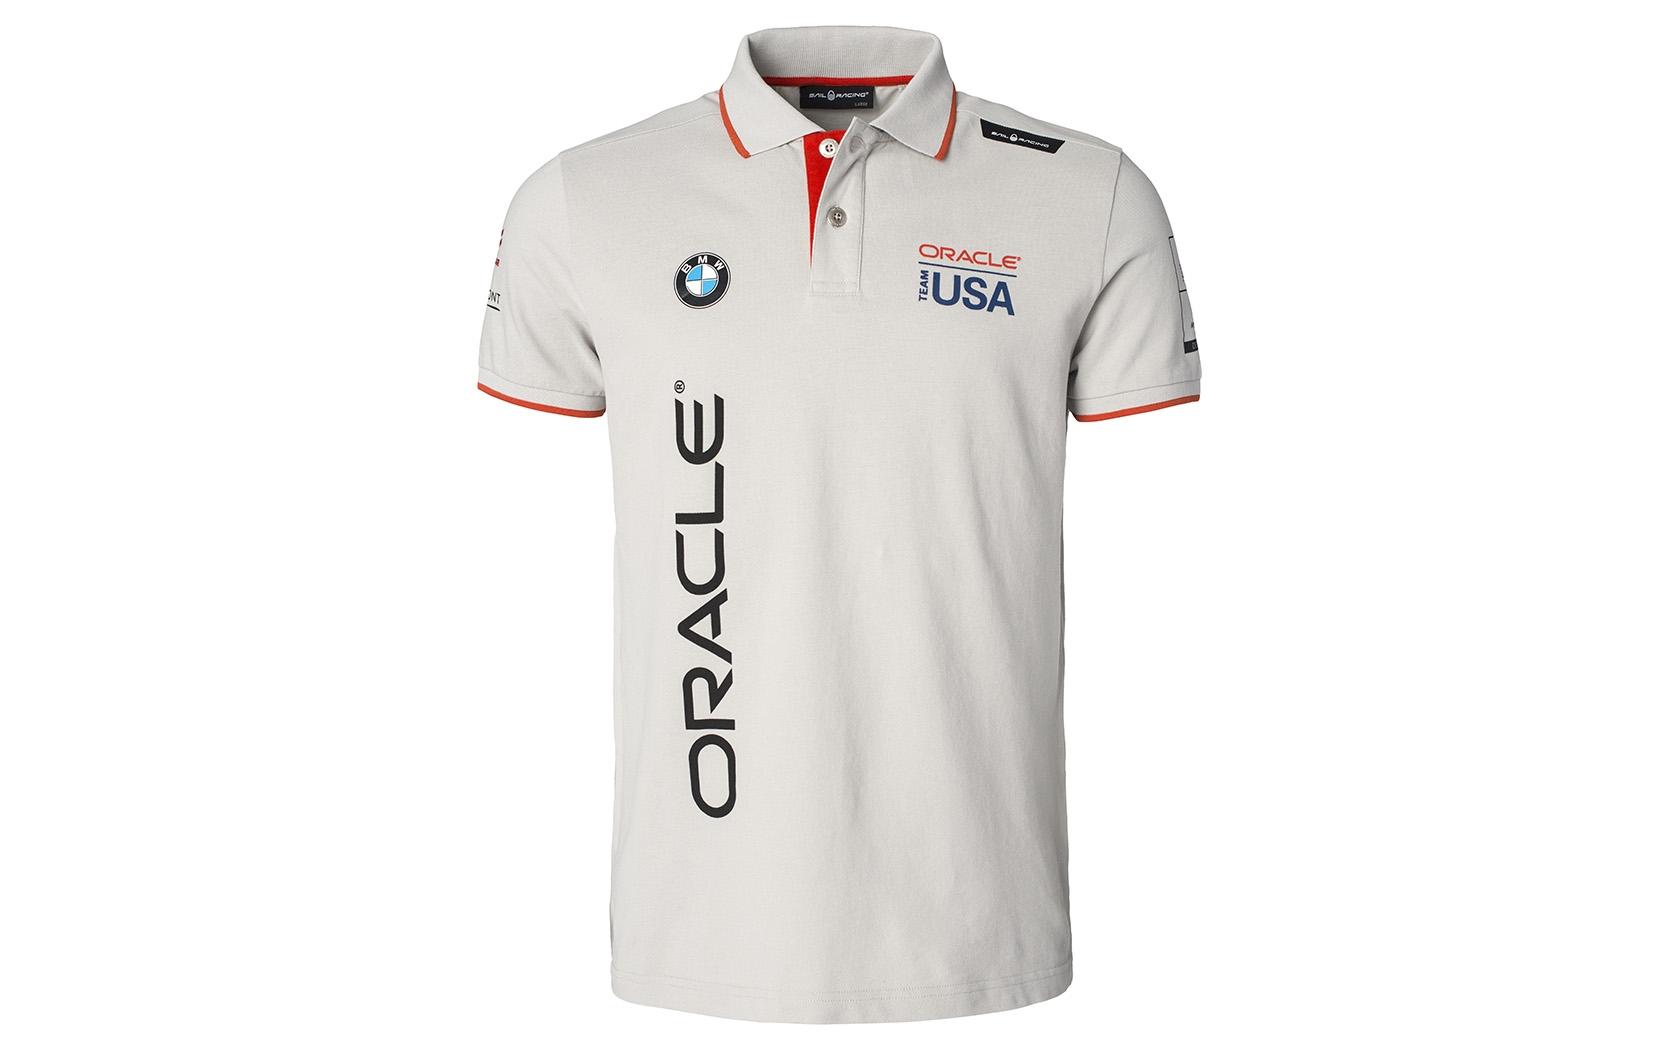 Oracle Team Usa Mens Cotton Polo Shirt By Sail Racing Choice Gear